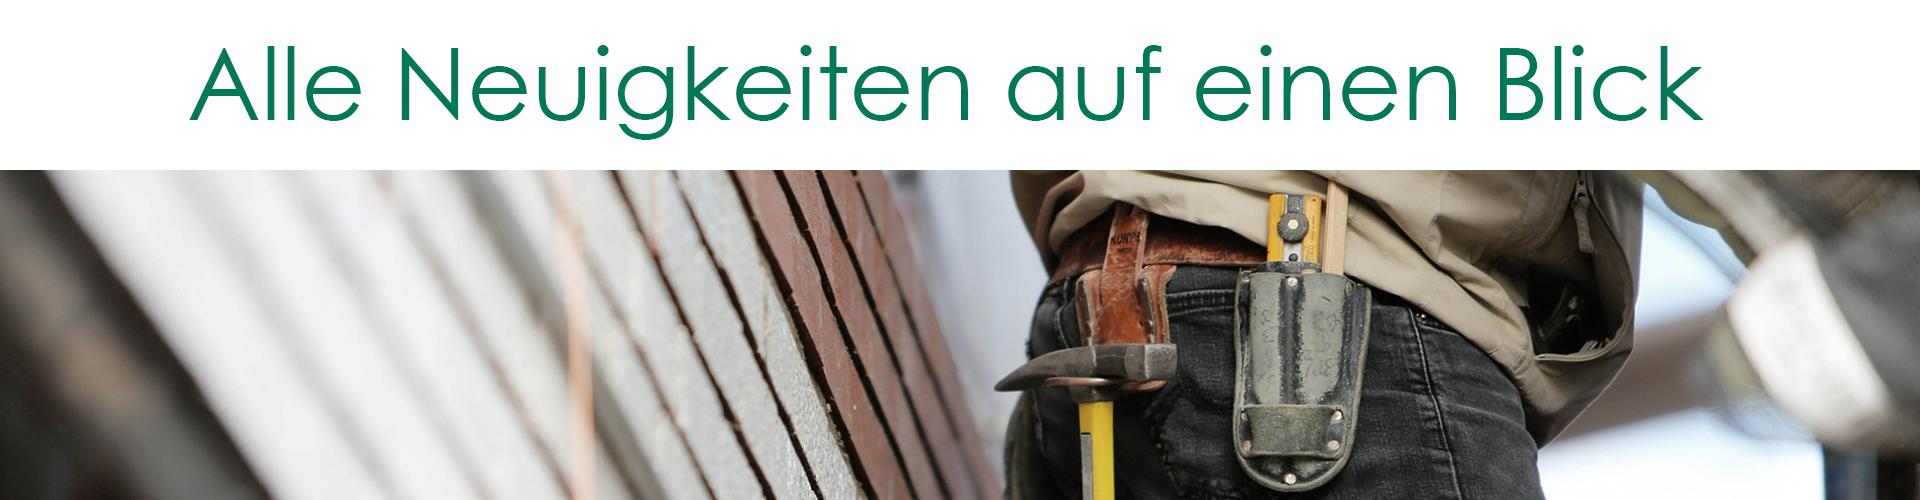 Neuigkeiten von Stolzenbach Baustoffe